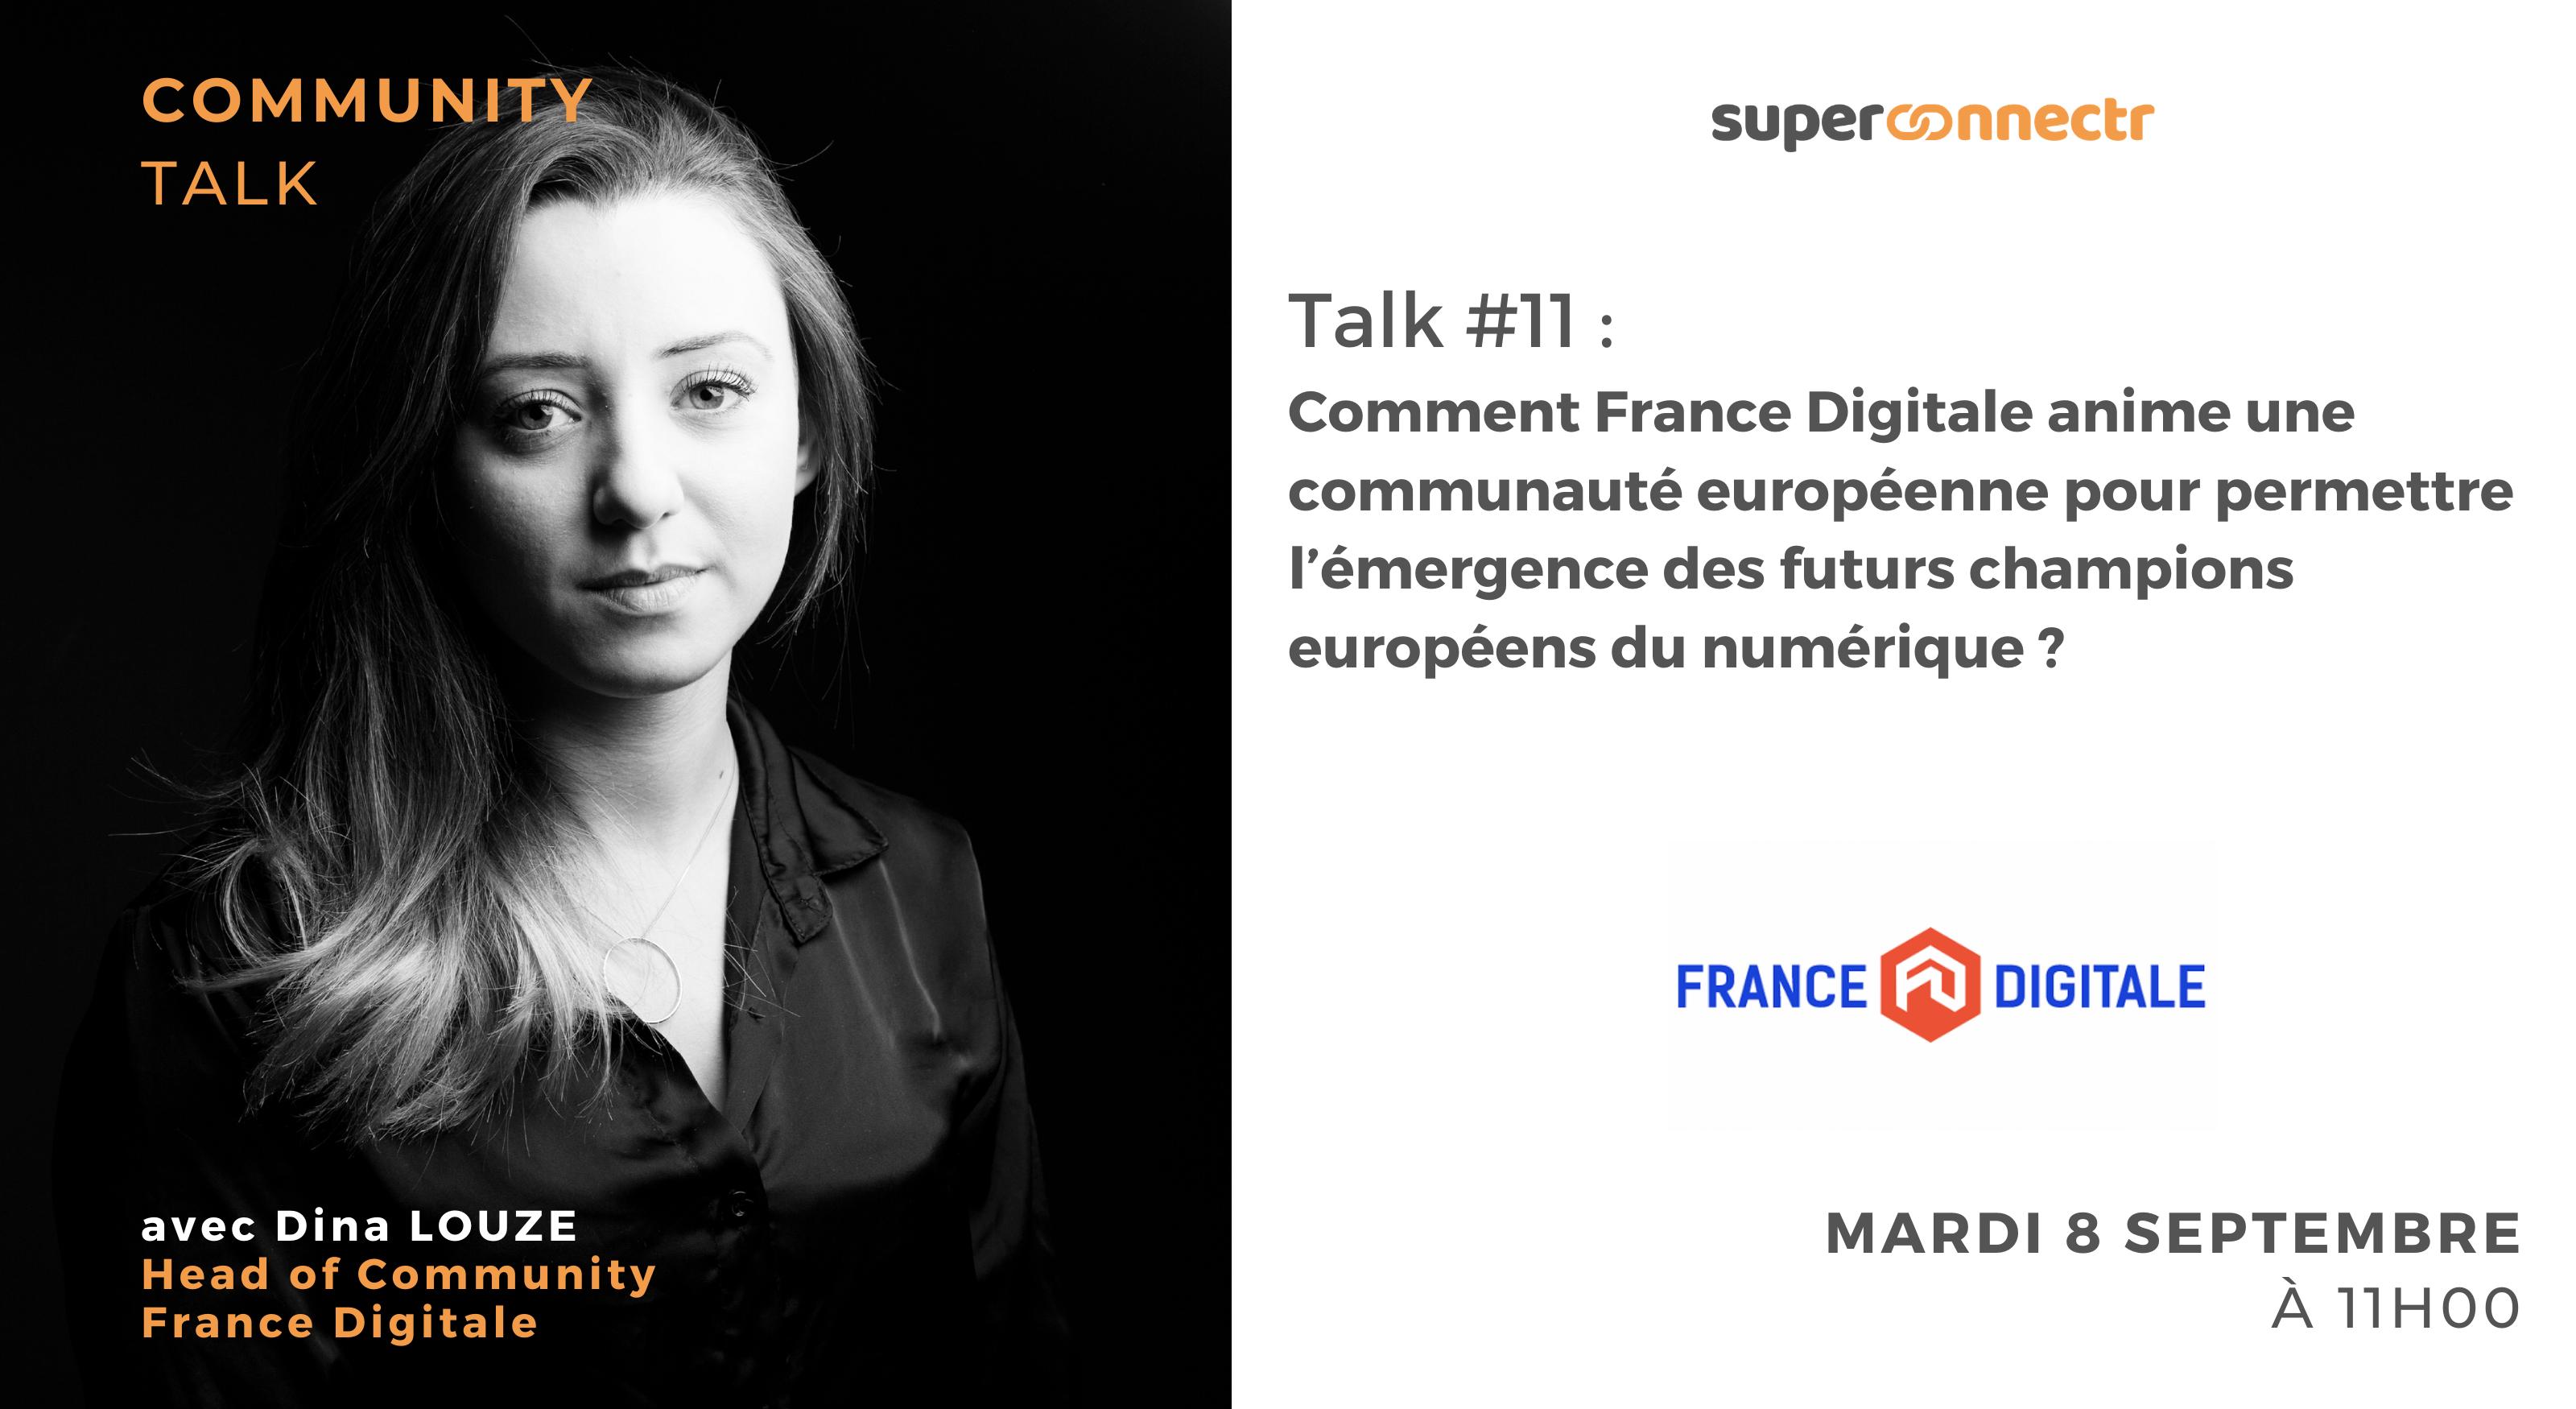 """Interview : """"Comment France Digitale anime une communauté tech européenne pour permettre l'émergence des futurs champions européens du numérique ?"""""""